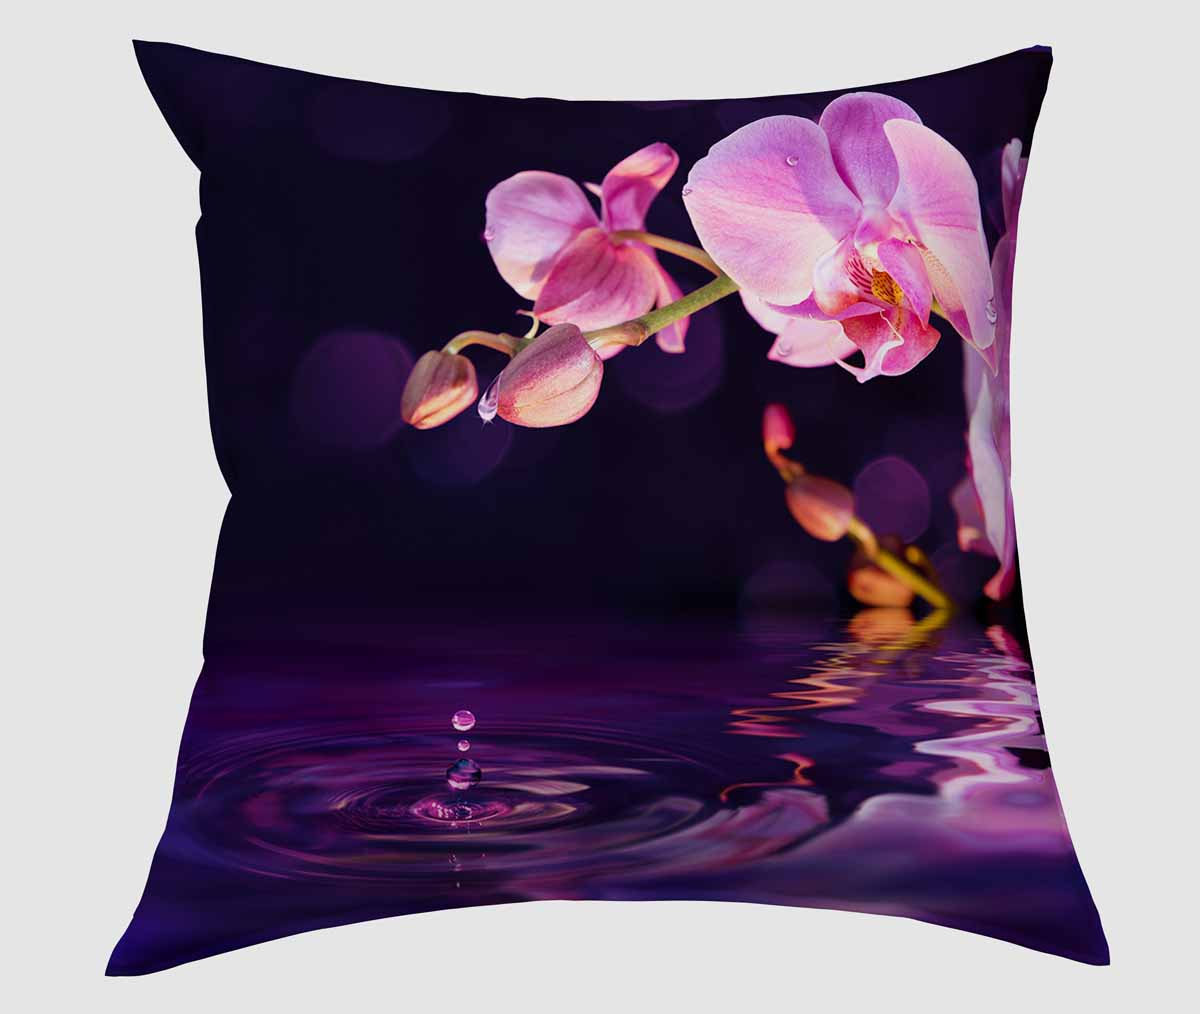 Подушка декоративная Сирень Орхидея над водой, 40 х 40 смRC-100BWCДекоративная подушка Сирень Орхидея над водой, изготовленная из габардина (100% полиэстер), прекрасно дополнит интерьер спальни или гостиной. Подушка оформлена красочным изображением. Внутри - мягкий наполнитель из холлофайбера (100% полиэстер). Красивая подушка создаст атмосферу тепла и уюта в спальне и станет прекрасным элементом декора.